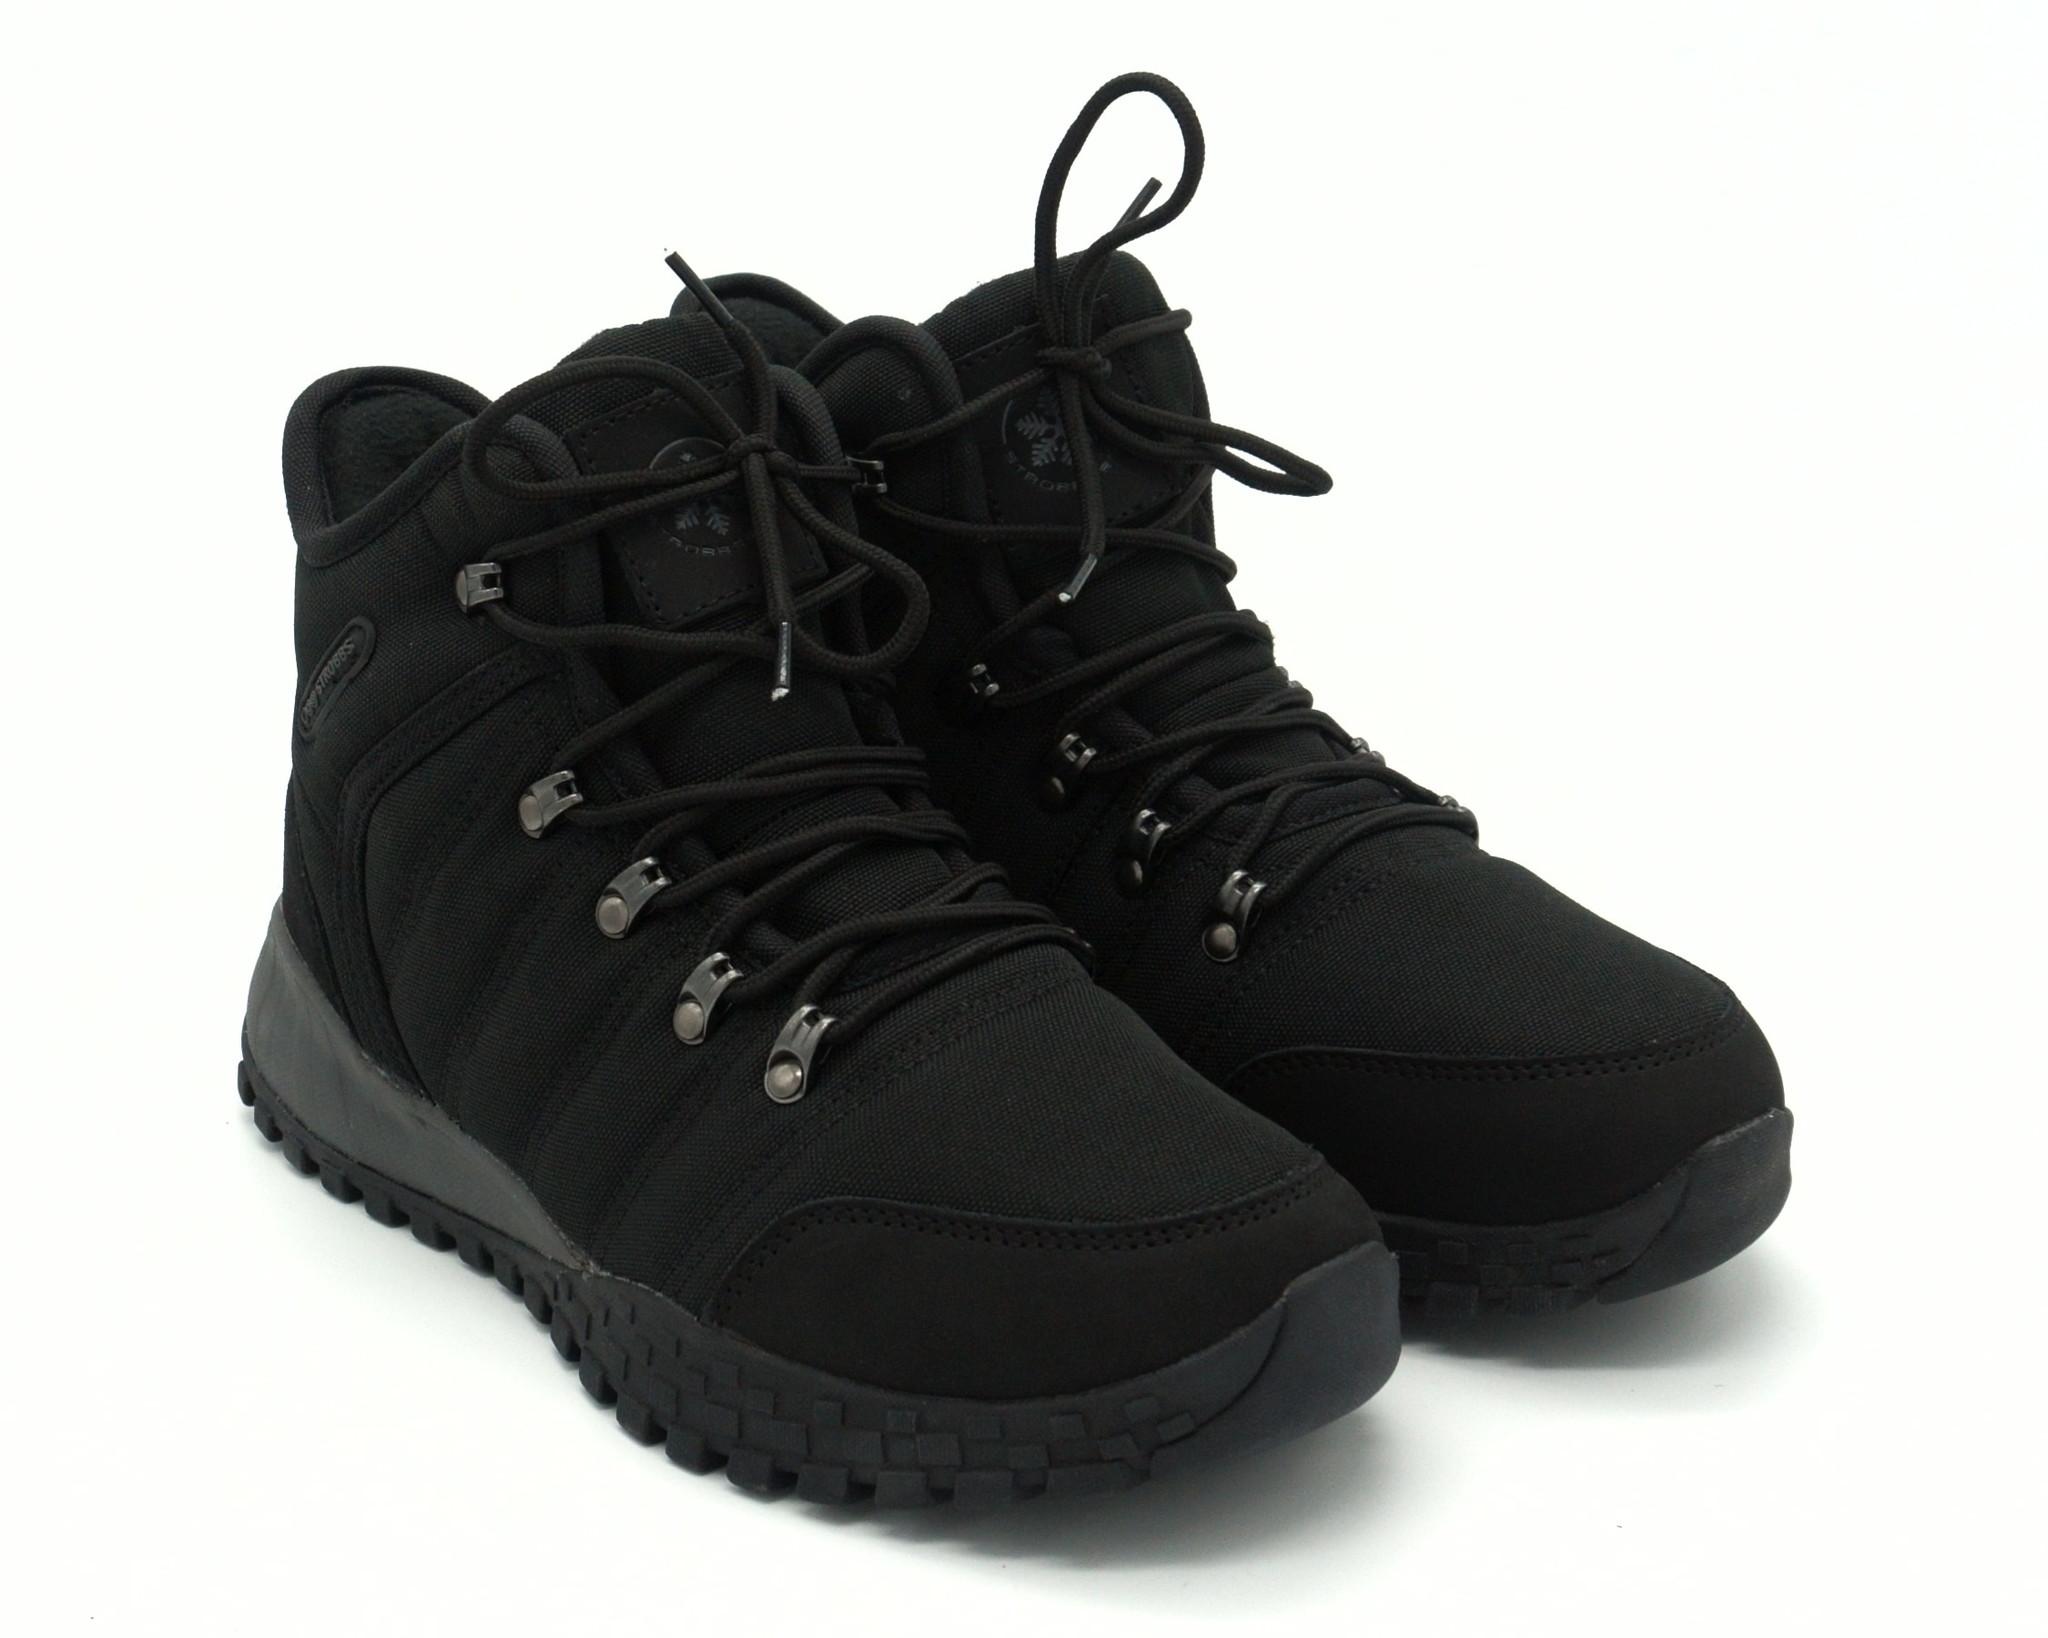 Текстильные зимние ботинки на мембране